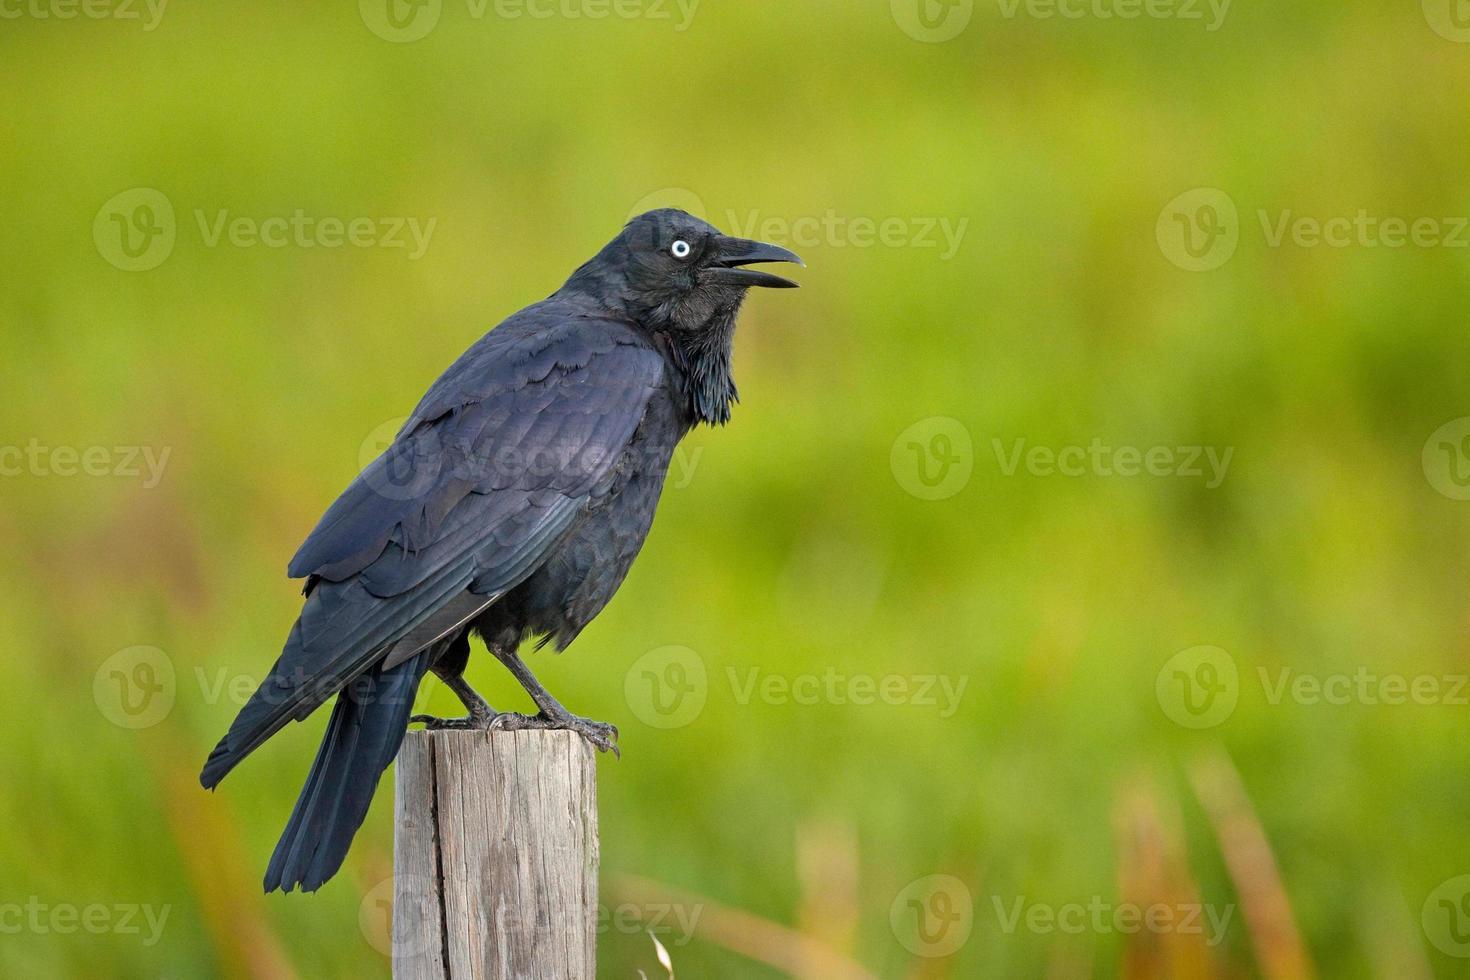 cuervo australiano, corvus coronoides, en foco foto